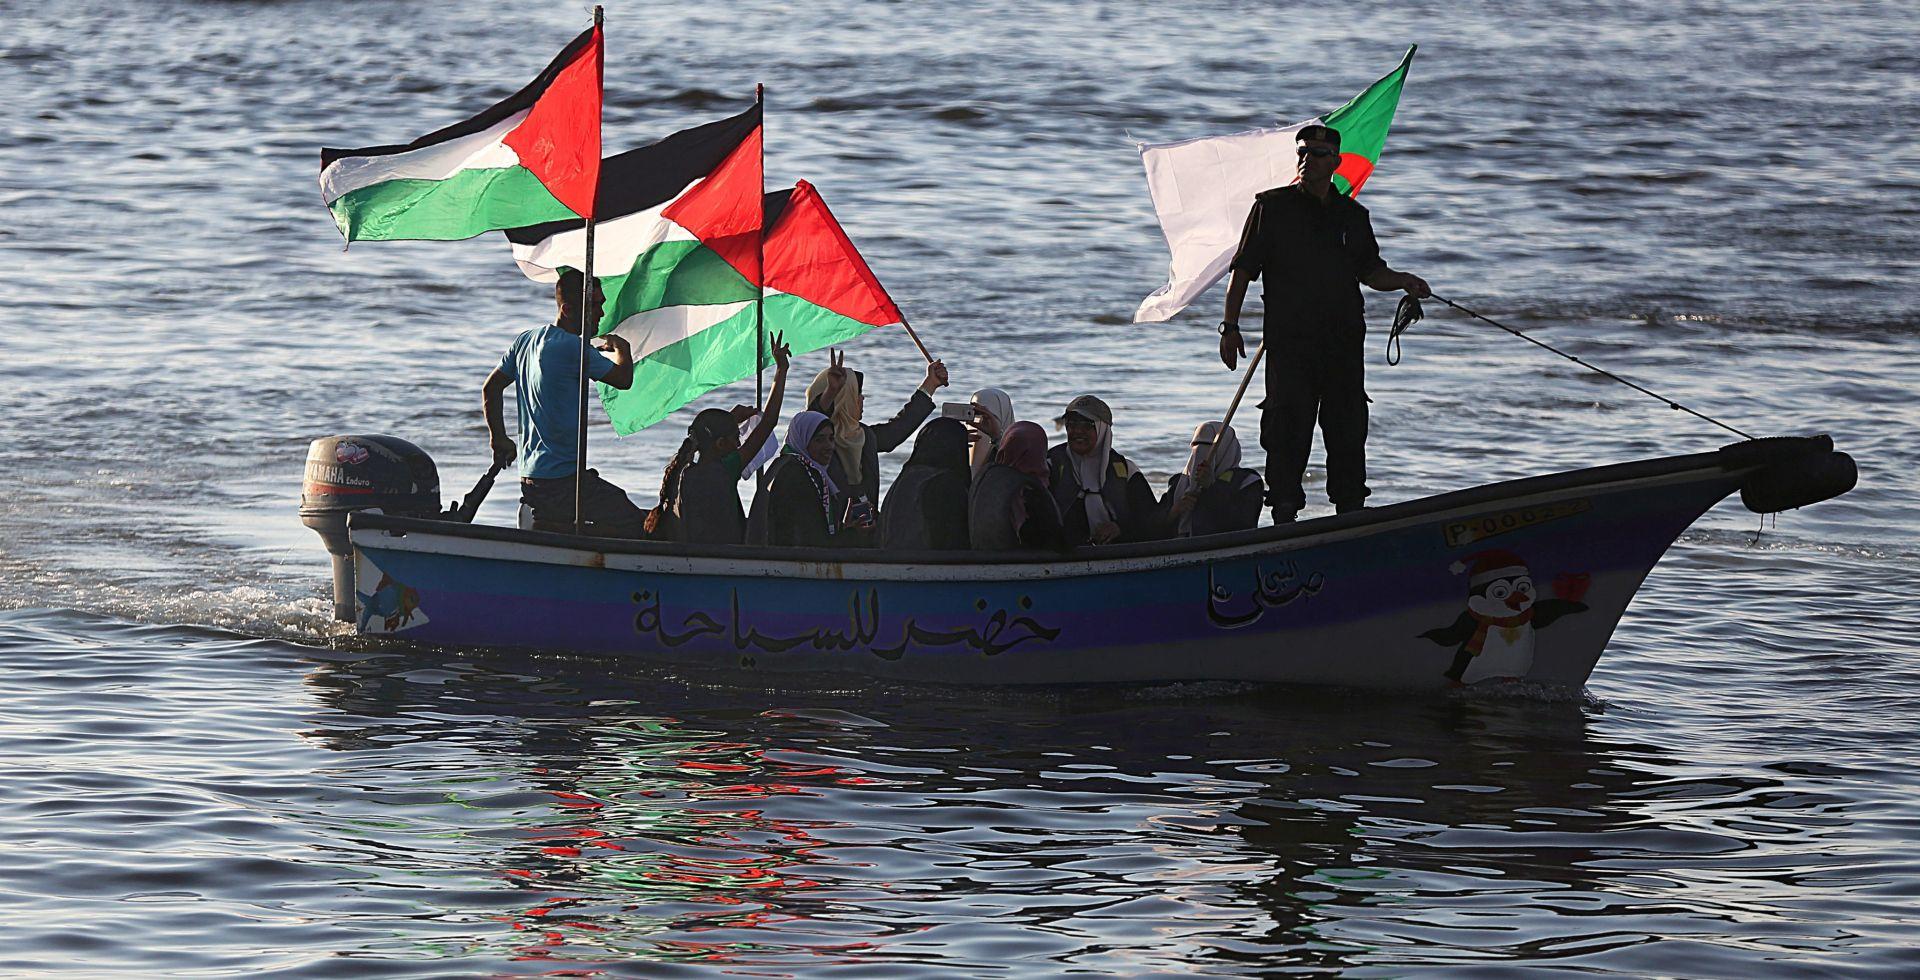 Izrael presreo aktivistički brod koji je pokušavao doći do Gaze